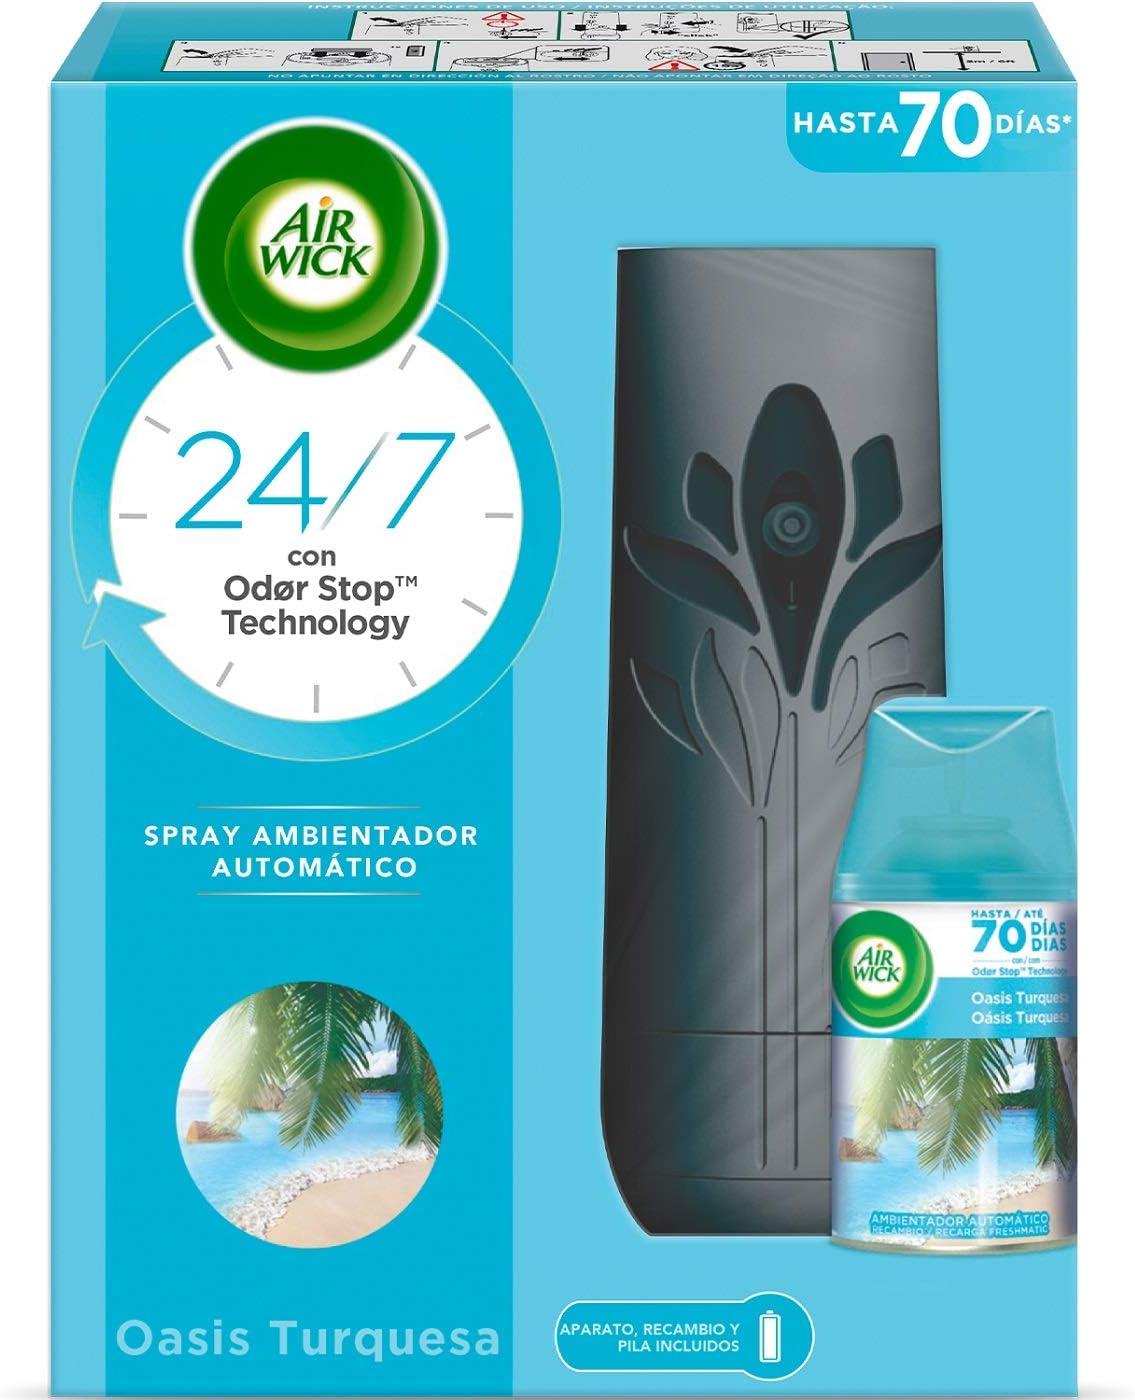 Air Wick Freshmatic Aparato y Recambio de Ambientador Spray Automático, Esencia para Casa con Aroma a Oasis Turquesa - 1 aparato + 1 recambio